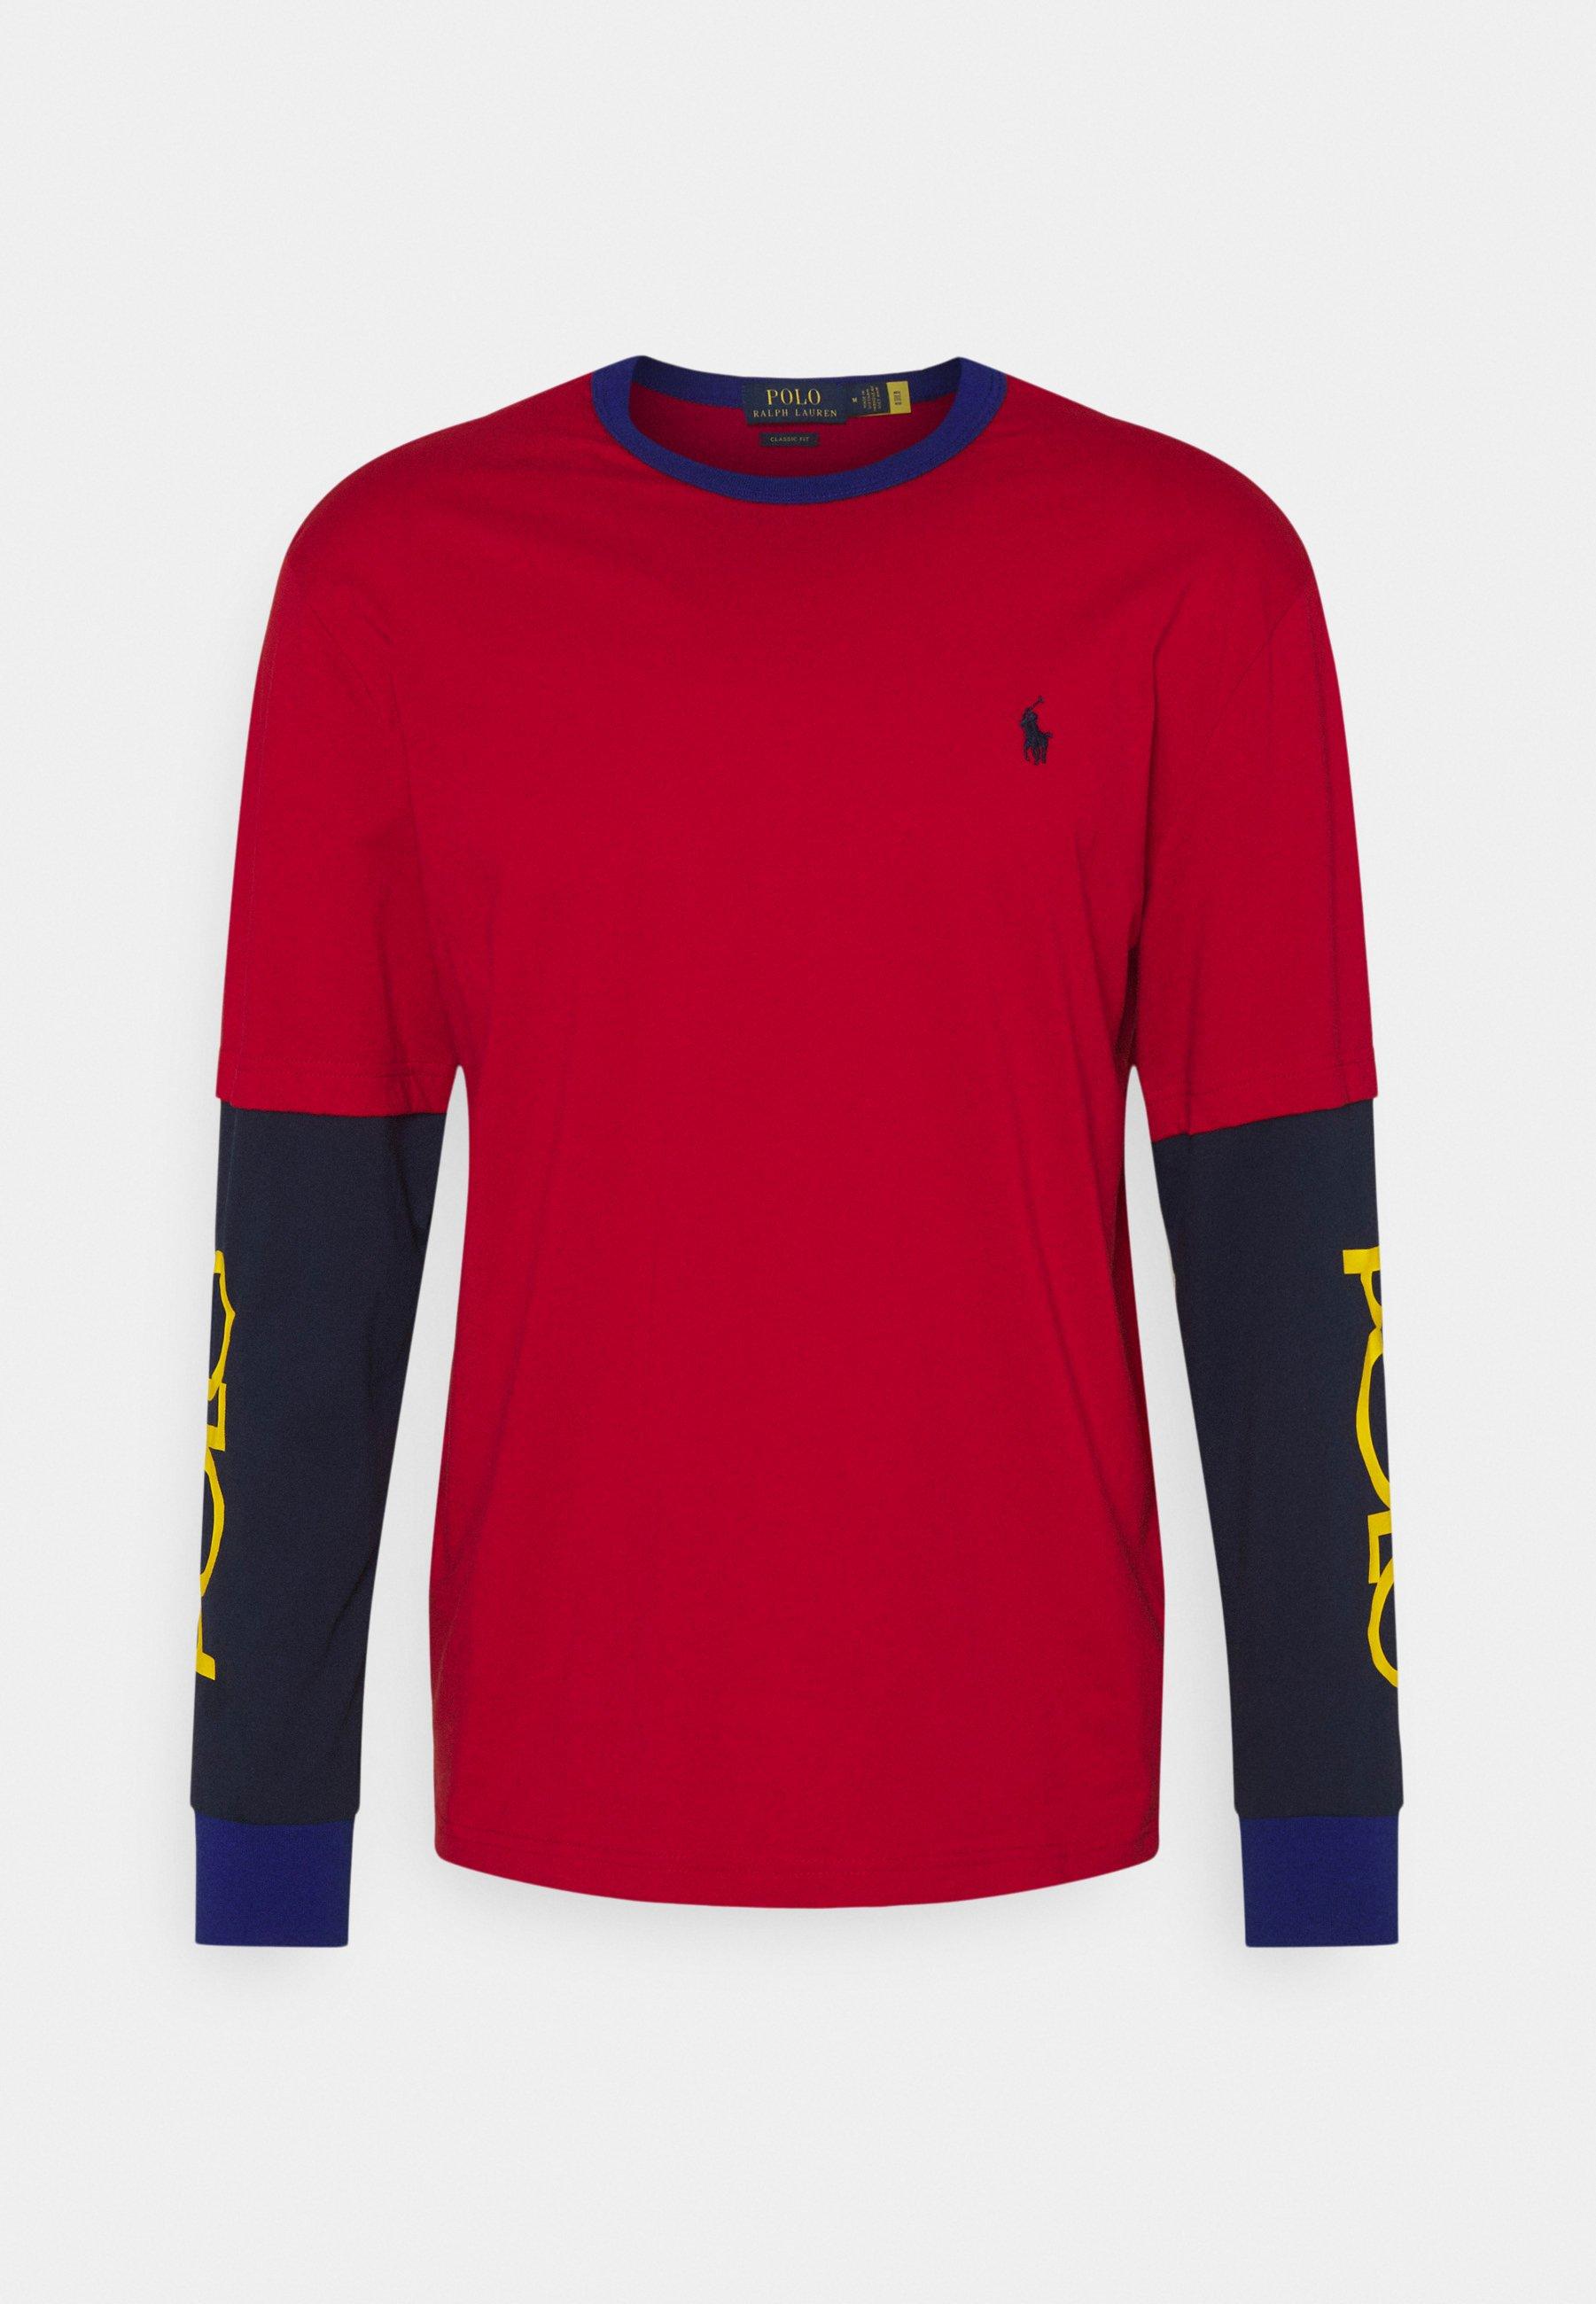 Homme CLASSIC FIT LOGO JERSEY T-SHIRT - T-shirt à manches longues